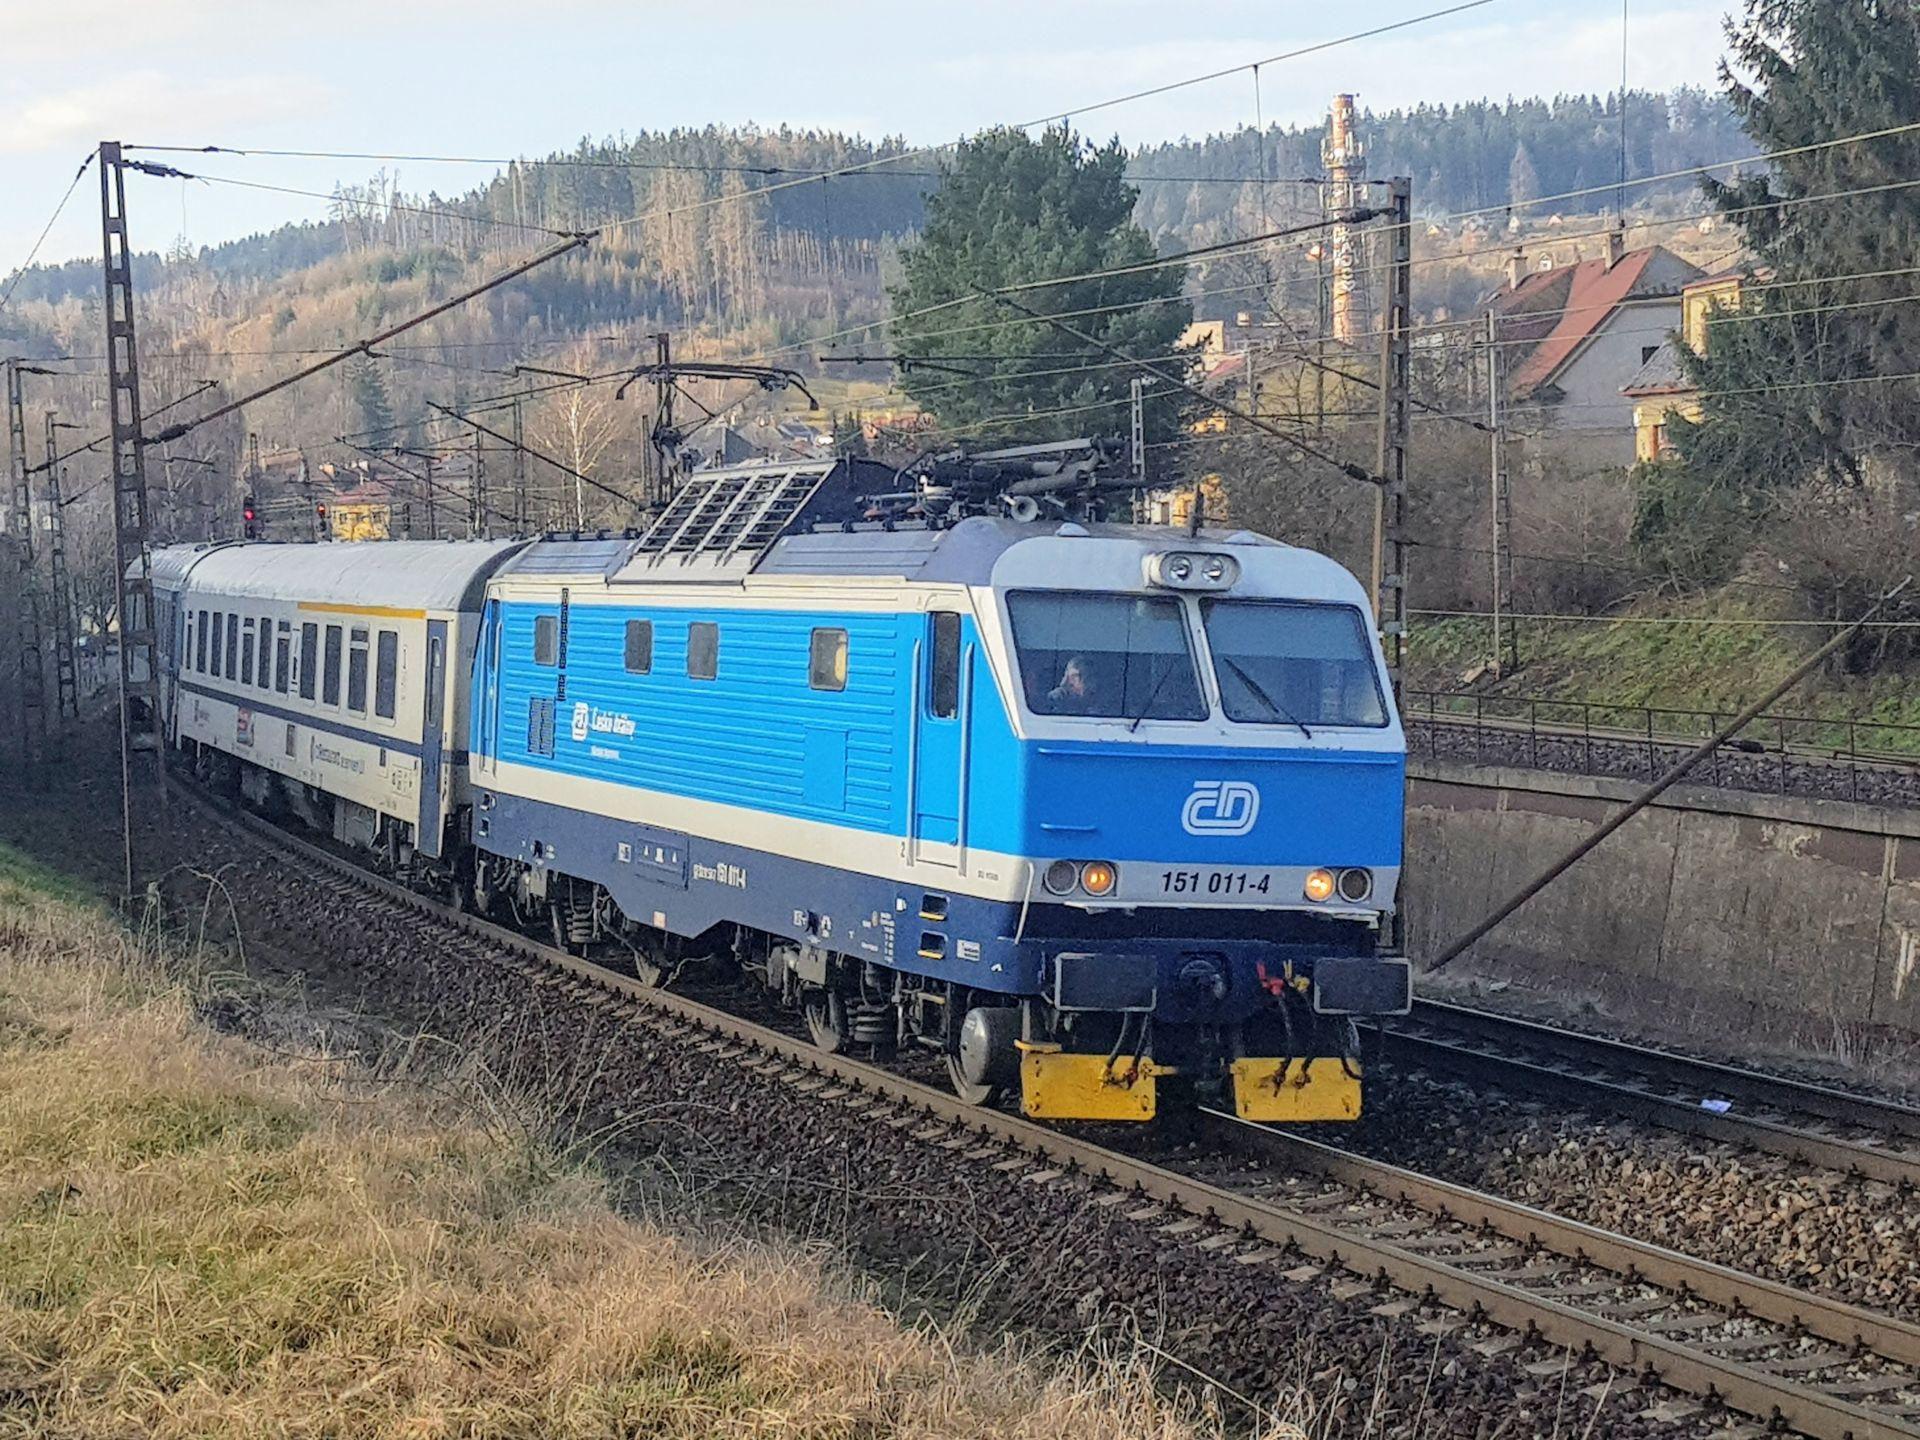 Lokomotiva řady 151 v čele expresu Českých drah u České Třebové. Foto: Zdopravy.cz / Jan Sůra